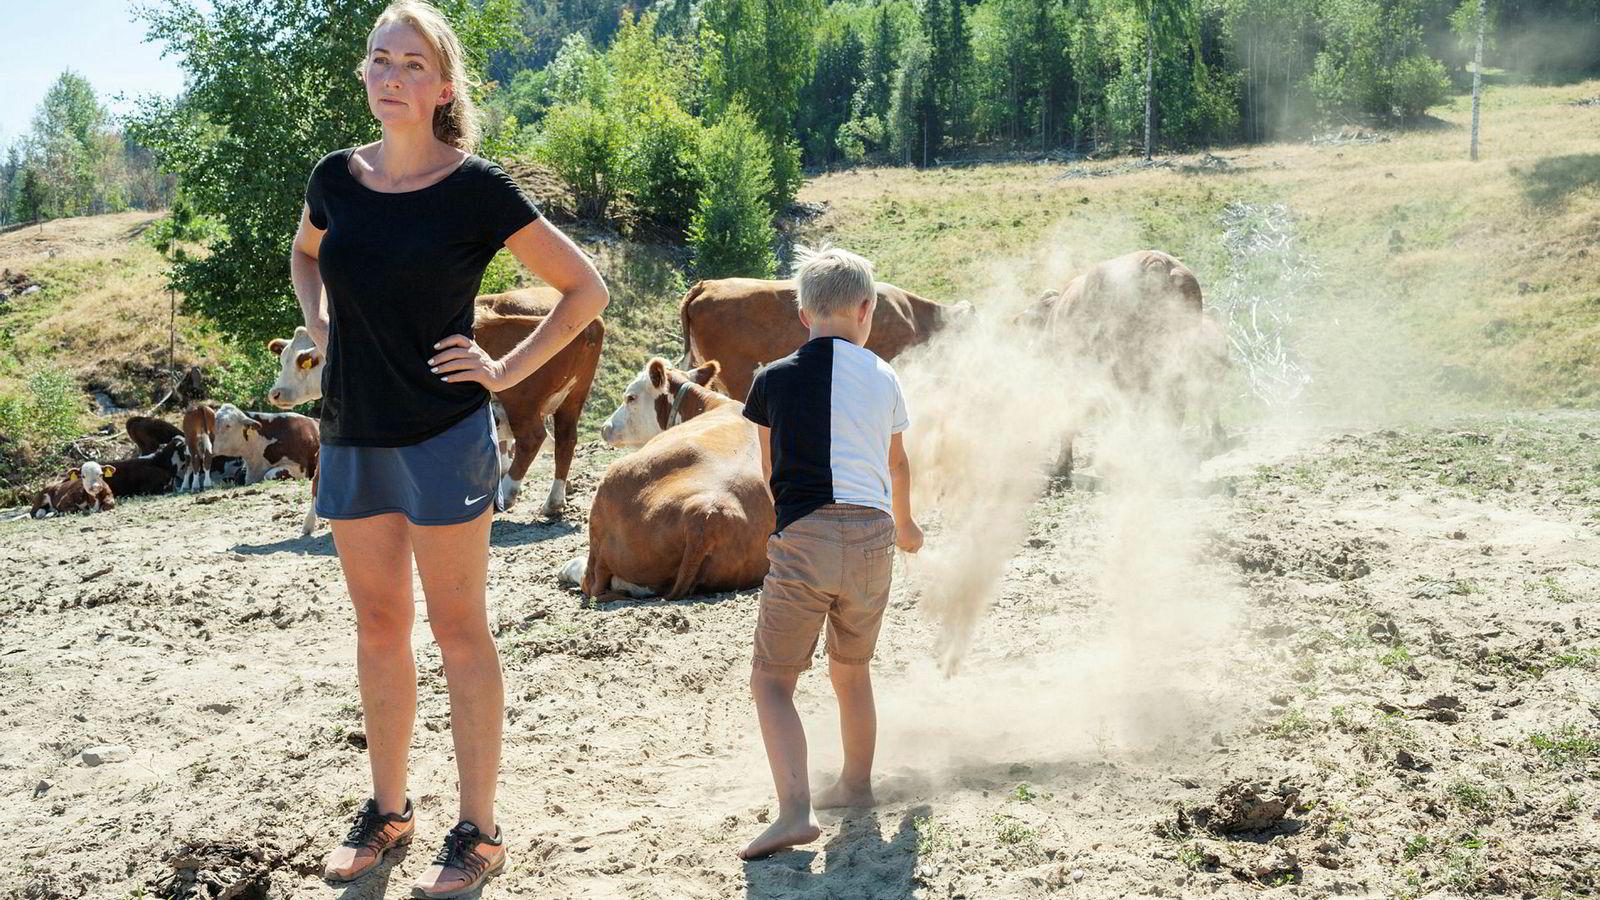 Ann Kristin Teksle driver gård i Ulefoss og er blant de tørkerammede bøndene som sannsynligvis må slakte ungdyr på grunn av fôrmangel. Nå forhandler staten og bøndene om justeringer av jordbruksavtalen.